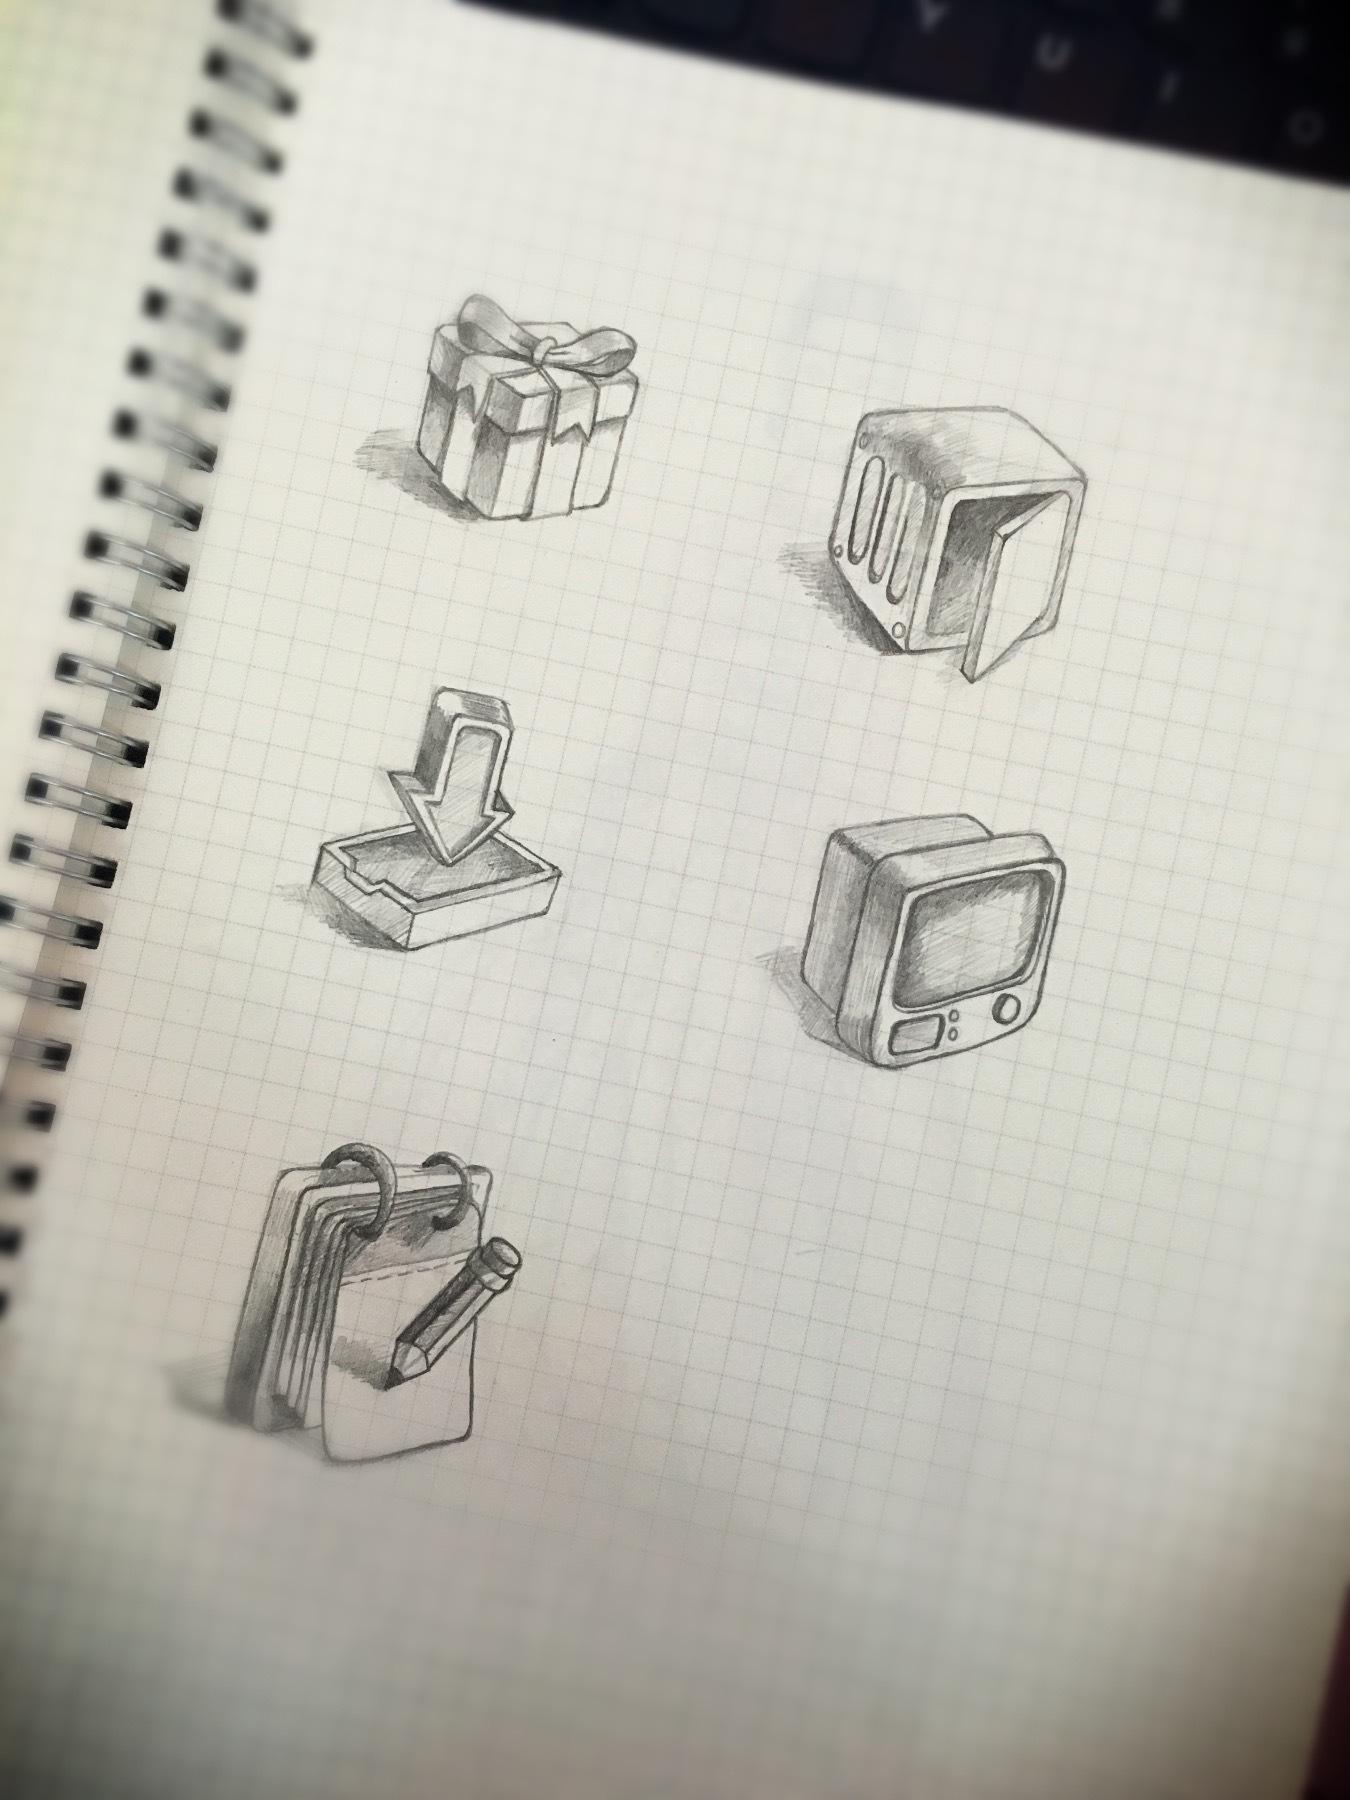 手绘图标|纯艺术|素描|烙印狠别致 - 原创作品 - 站酷